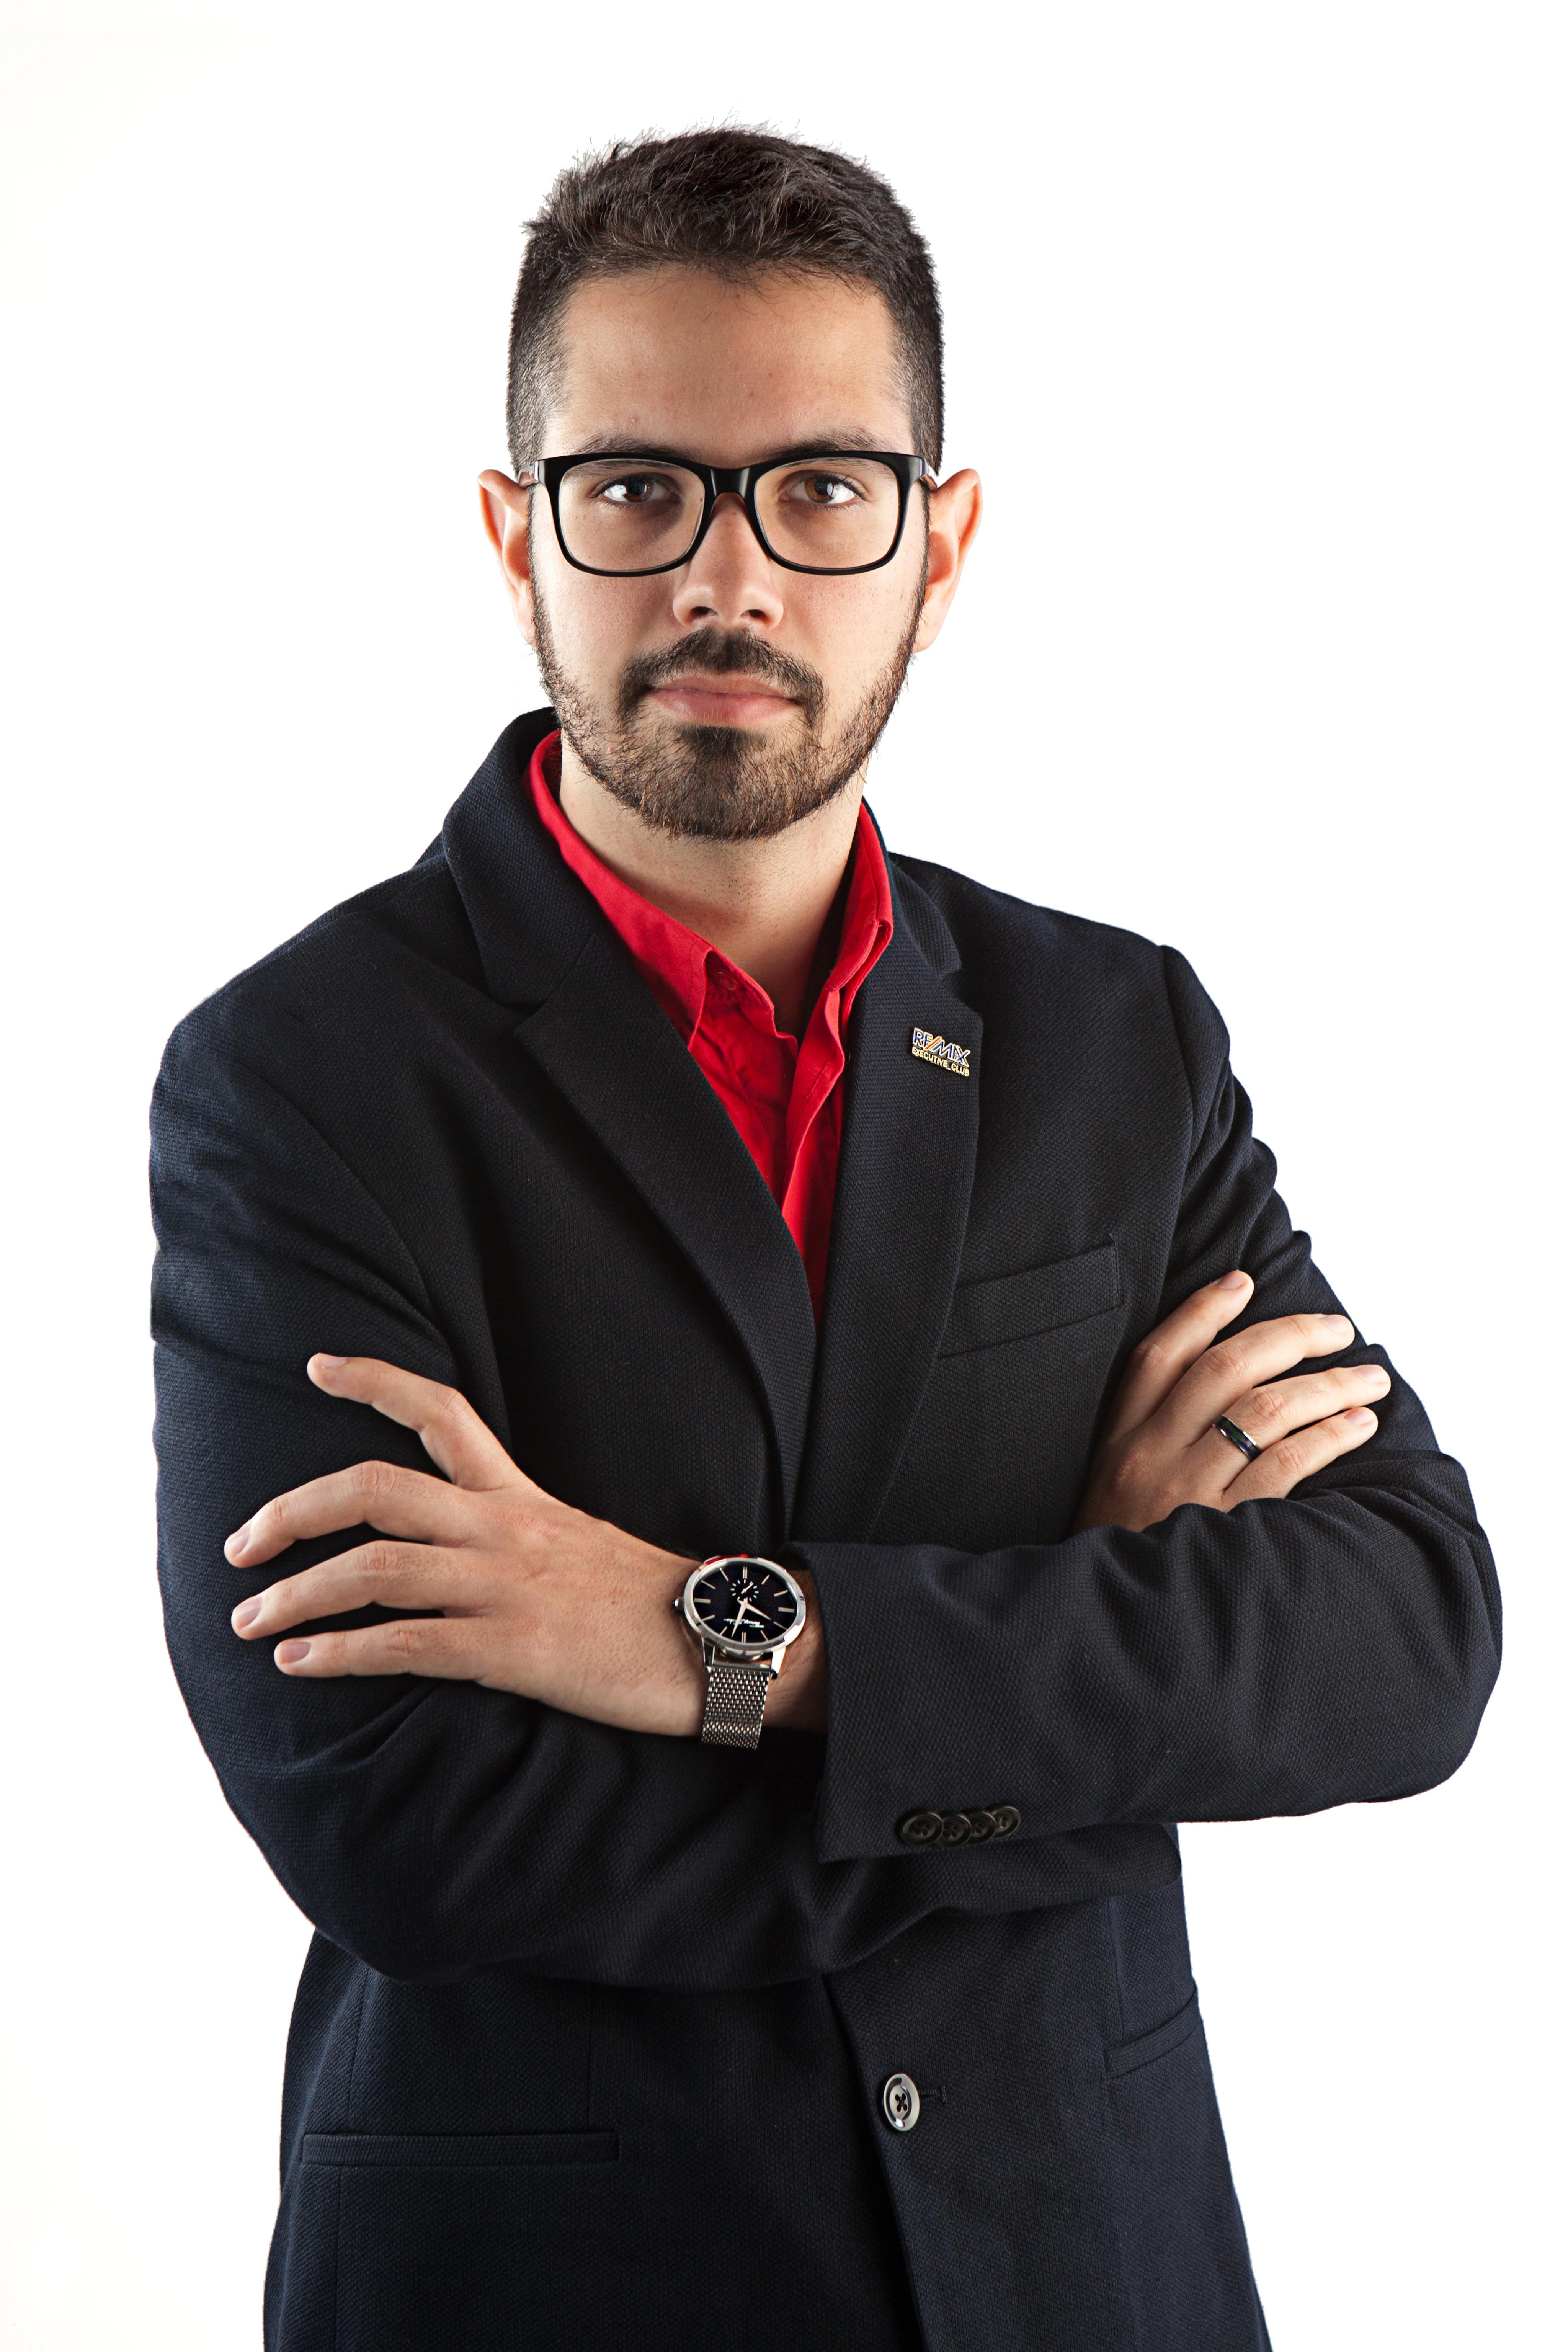 Francisco Antonio Martel Martín